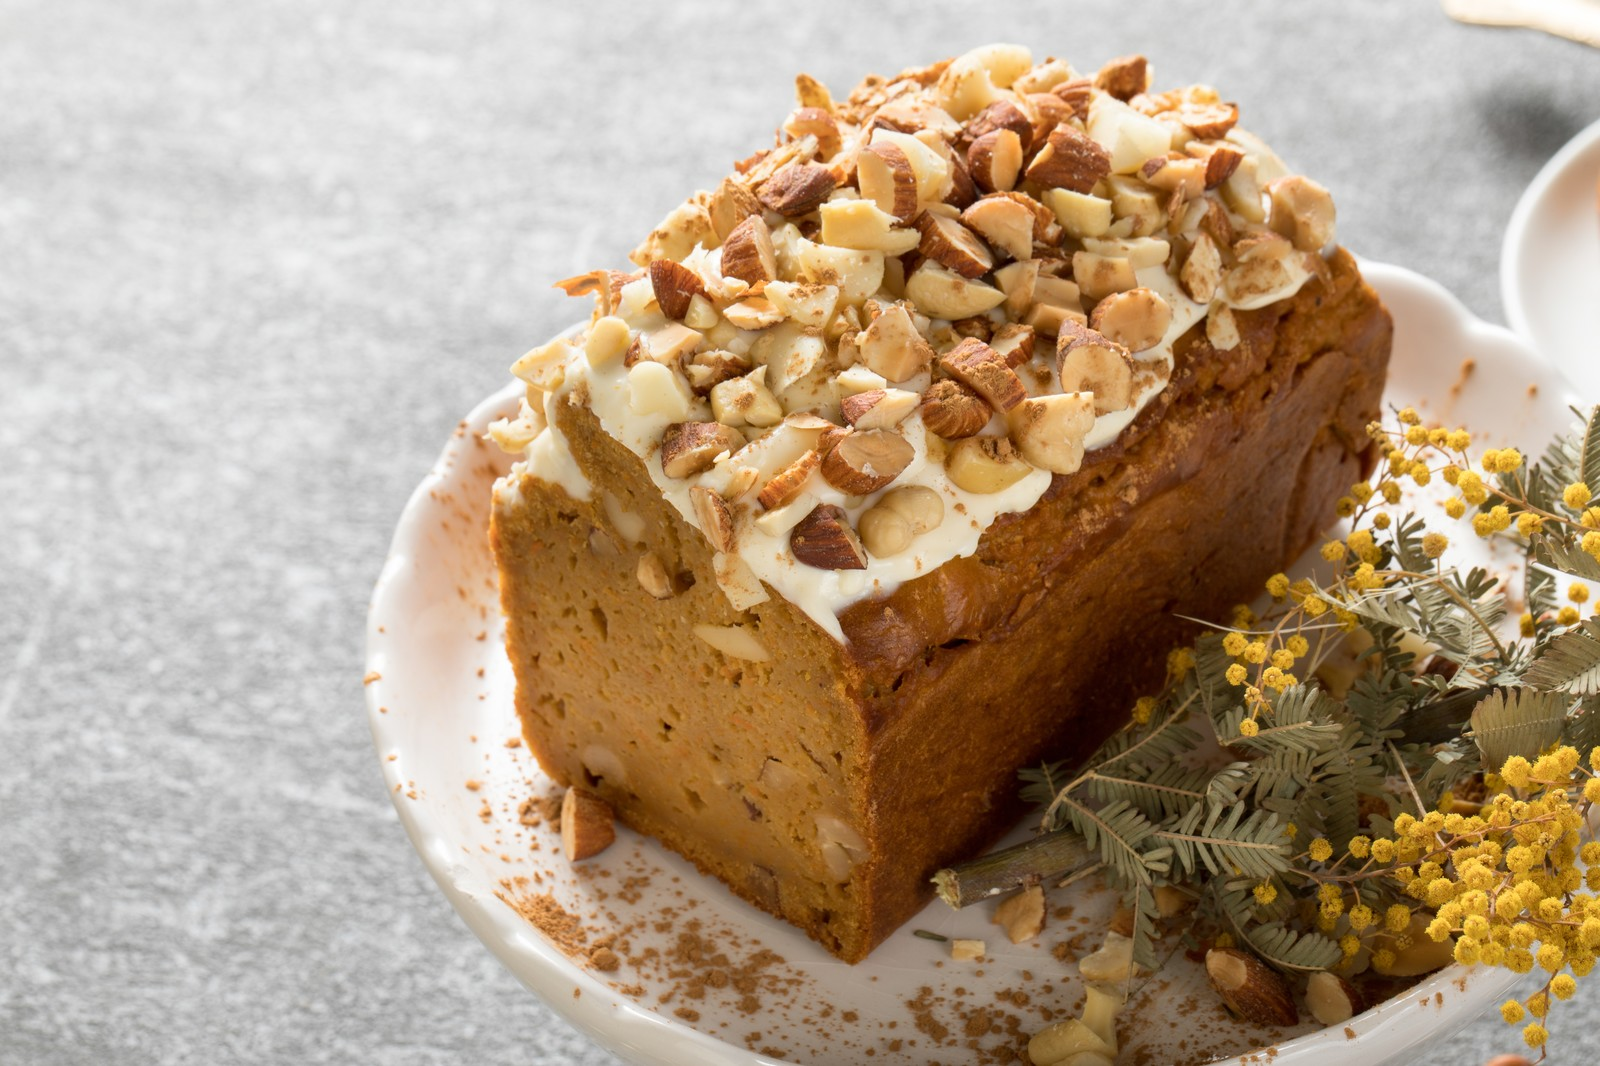 「ナッツいっぱいのにんじんケーキ」の写真